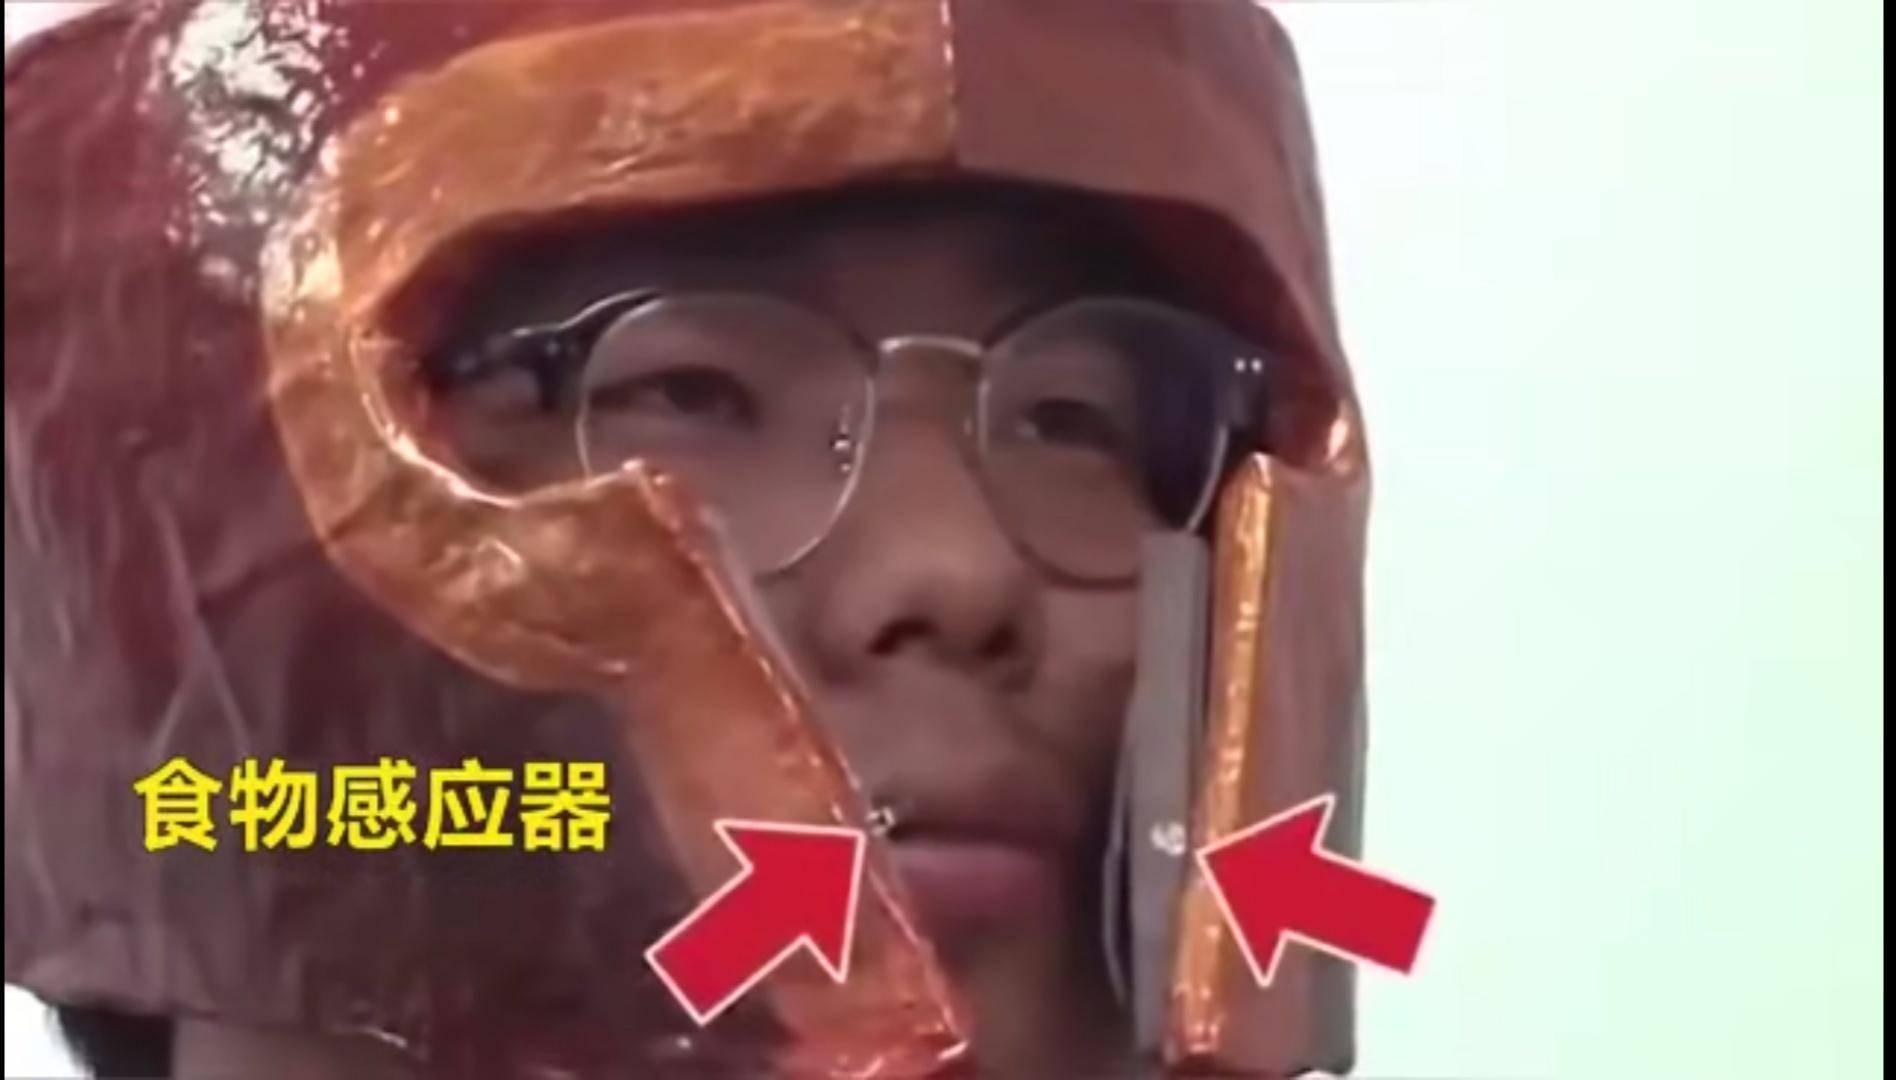 以是这款头盔是否只由于检测到食品就会激发电流这一概念如故有待考量